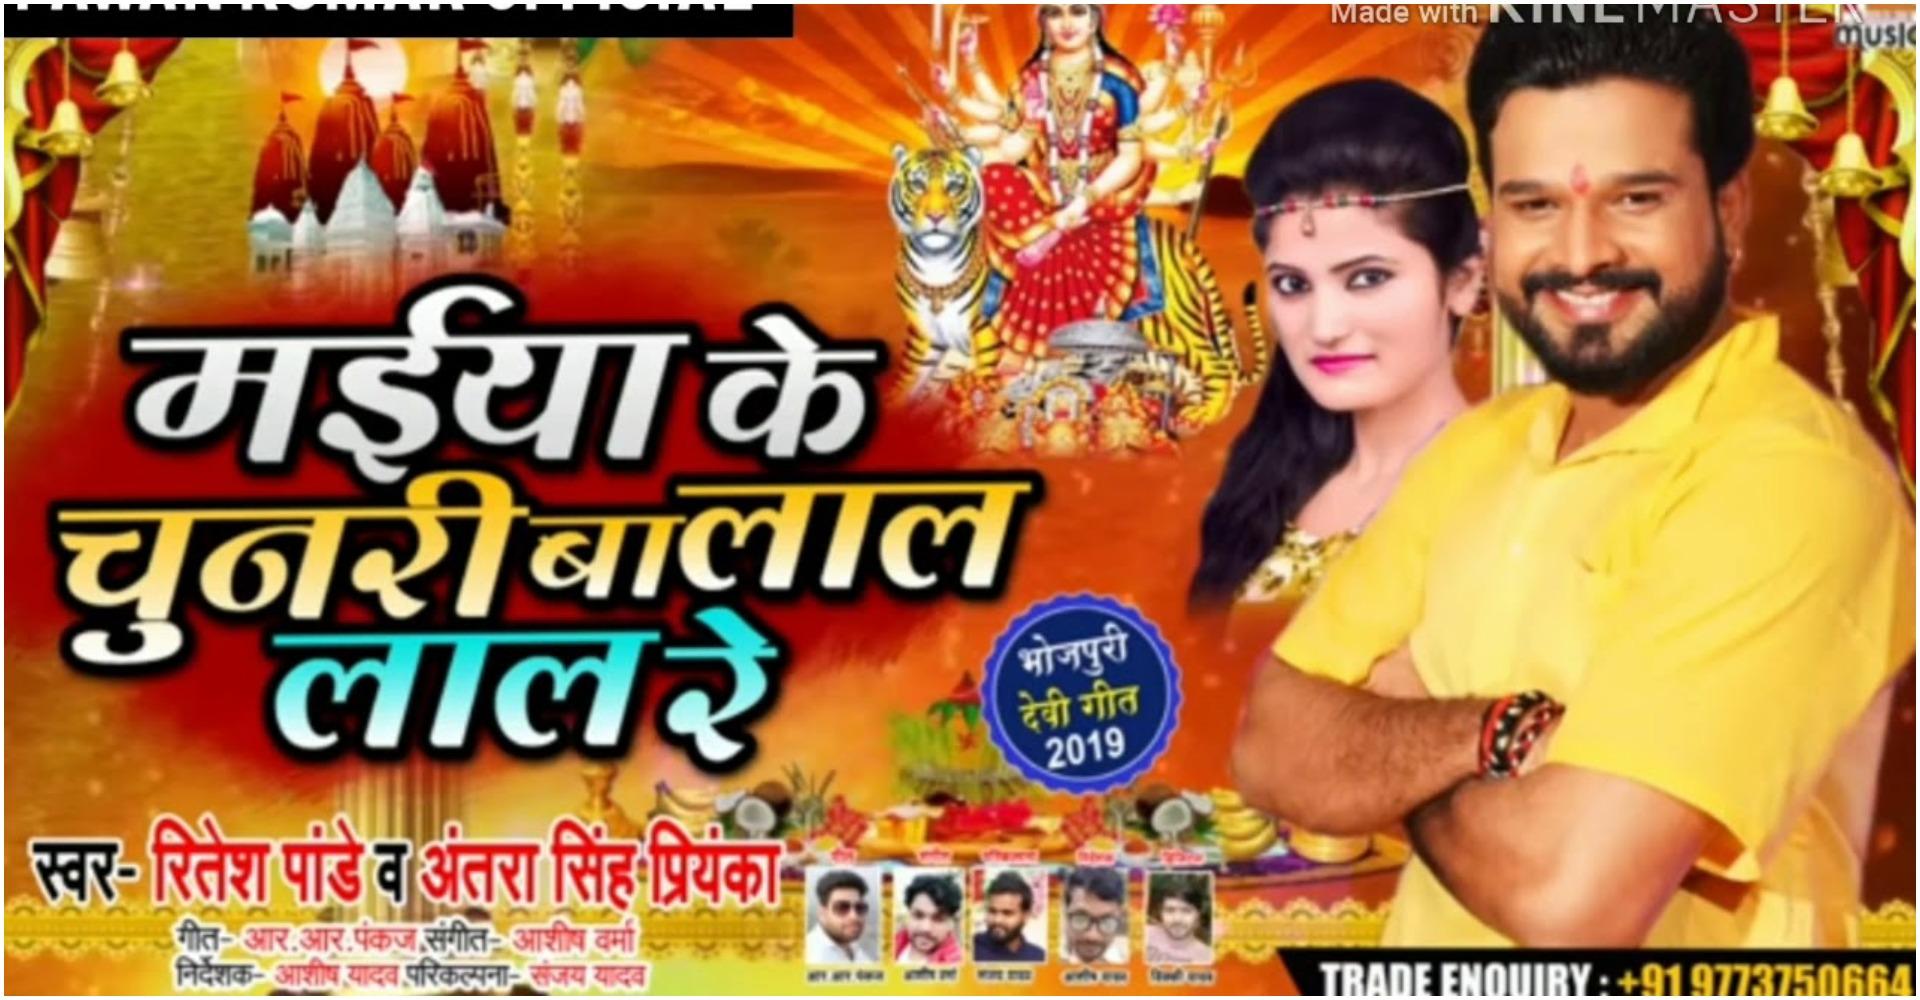 MaiyaJi KeChunri Ba Lal Lal Re Song: रितेश पांडे का नया गाना मचा रहा है धमाल, अब तक मिले इतने लाख व्यूज